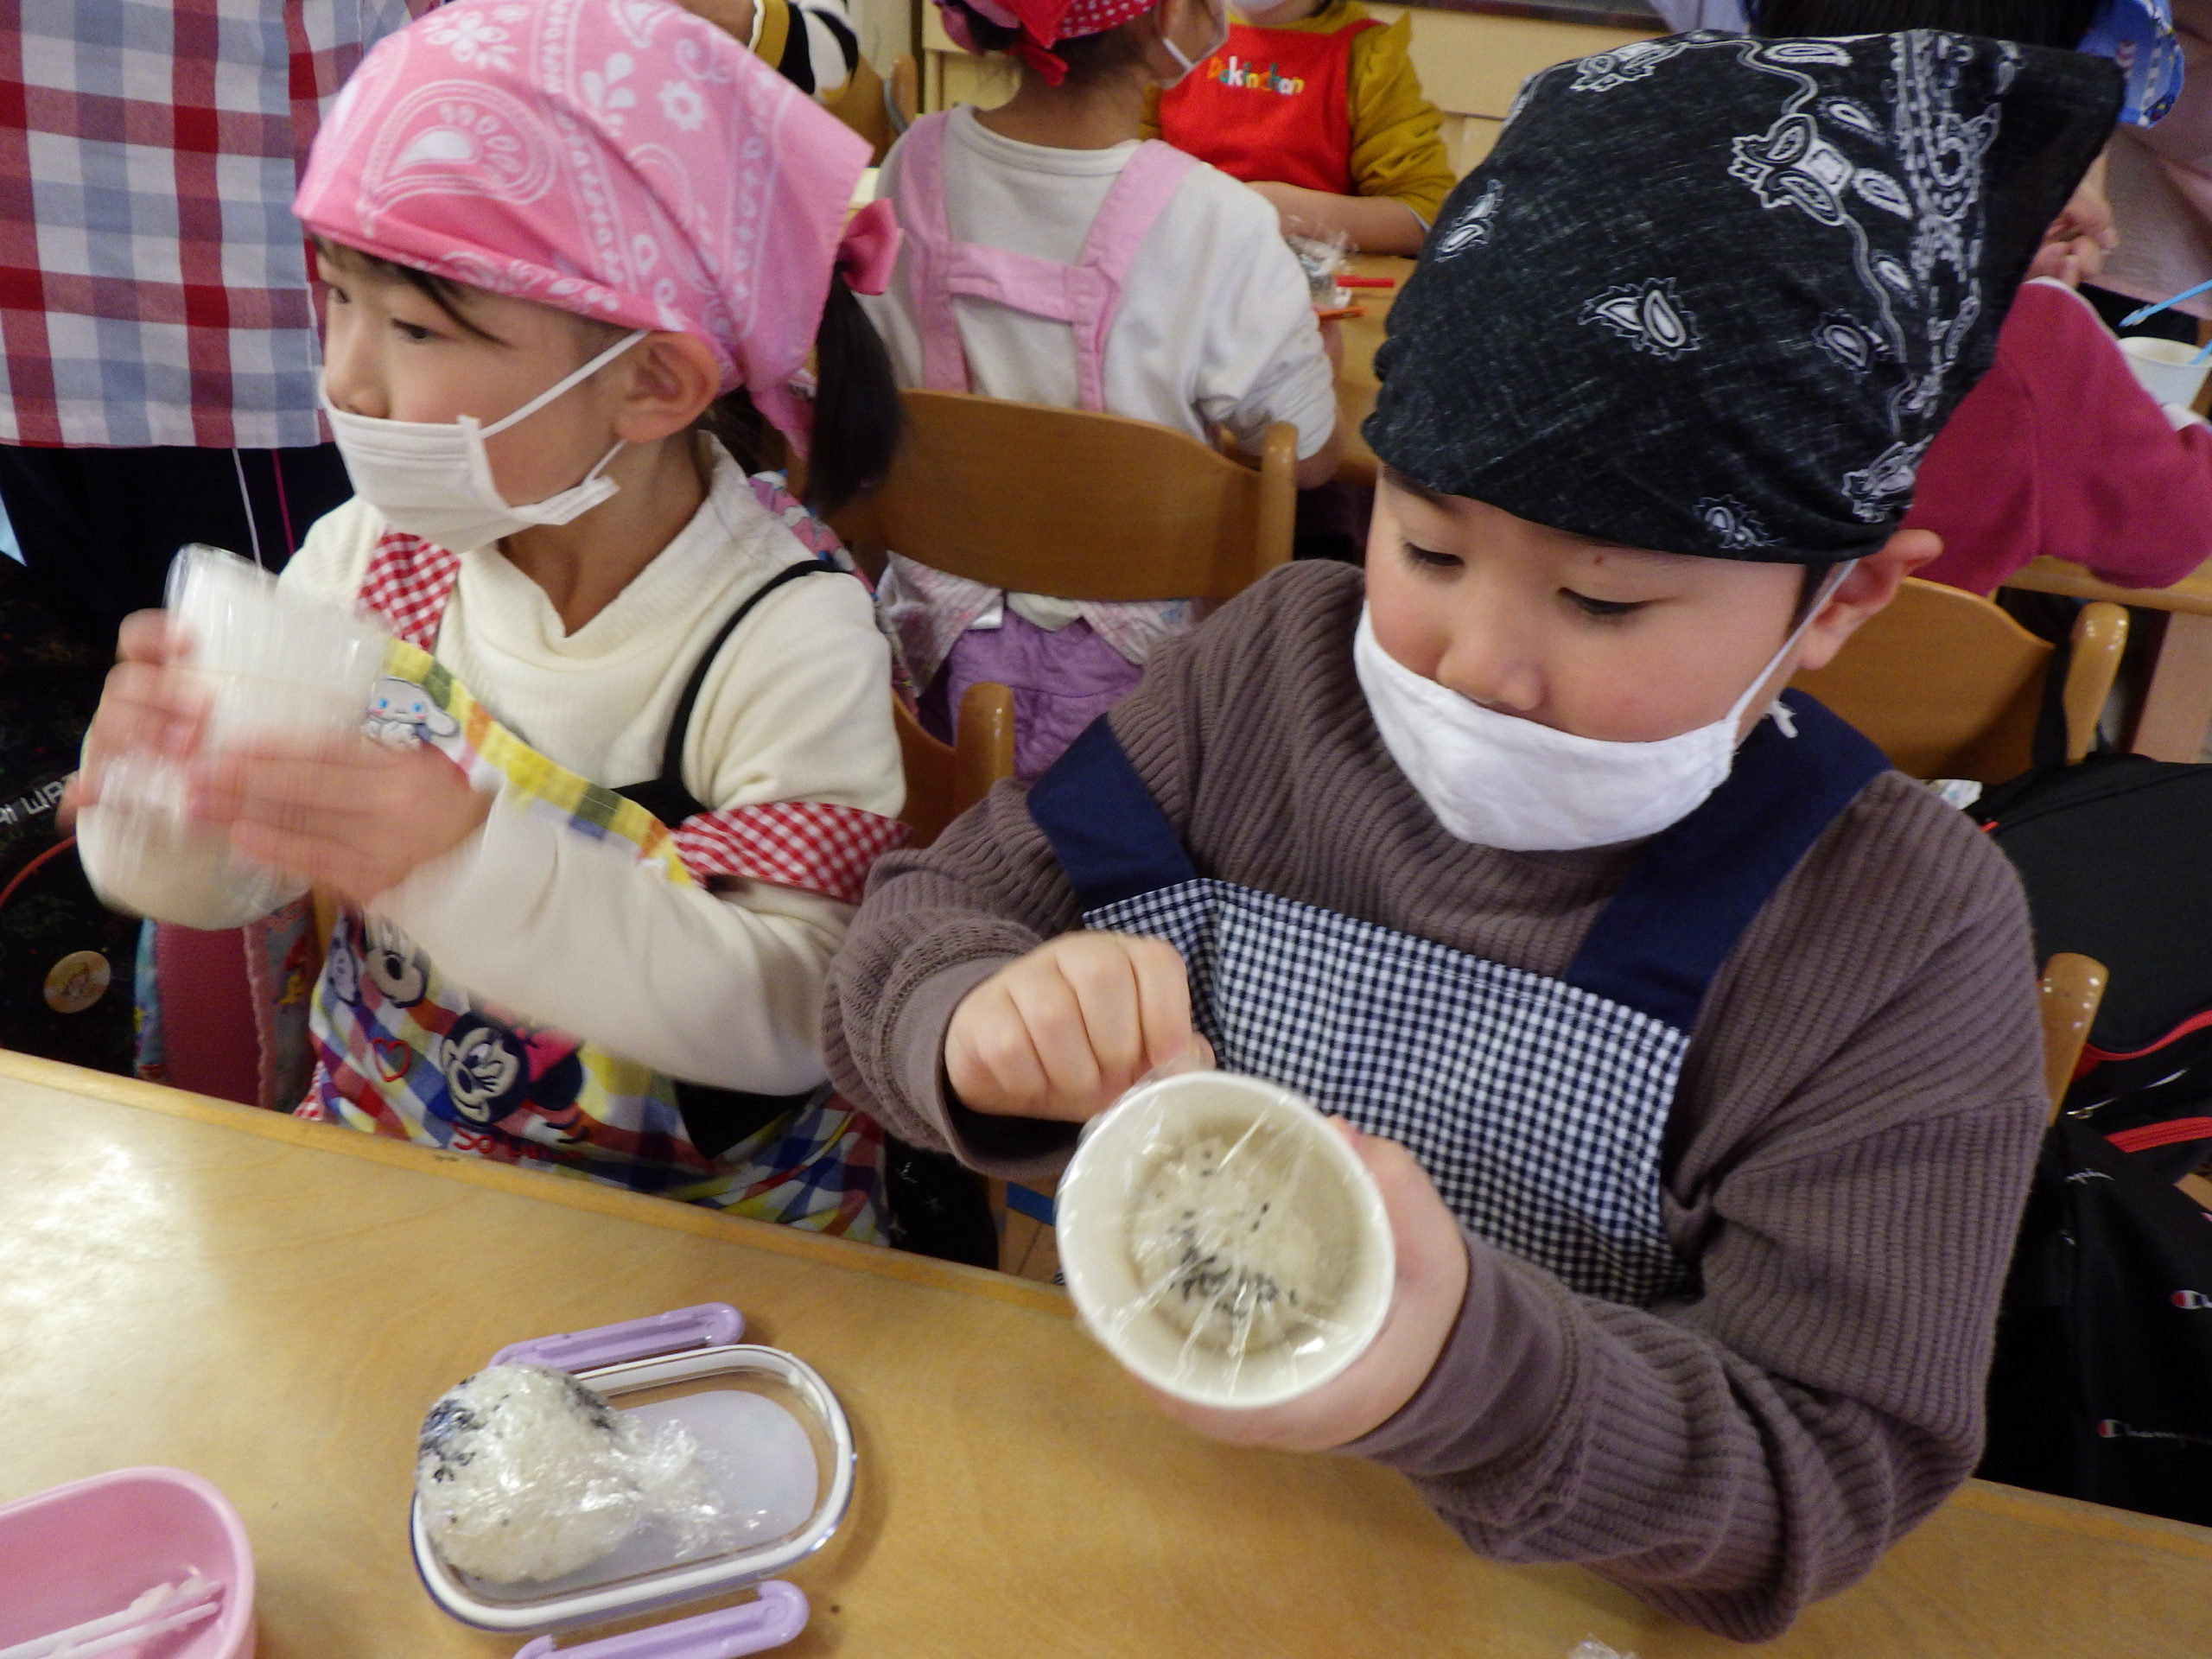 シャカシャカおにぎり作り🍙 新穂トキっ子保育園 【そら組5歳児】